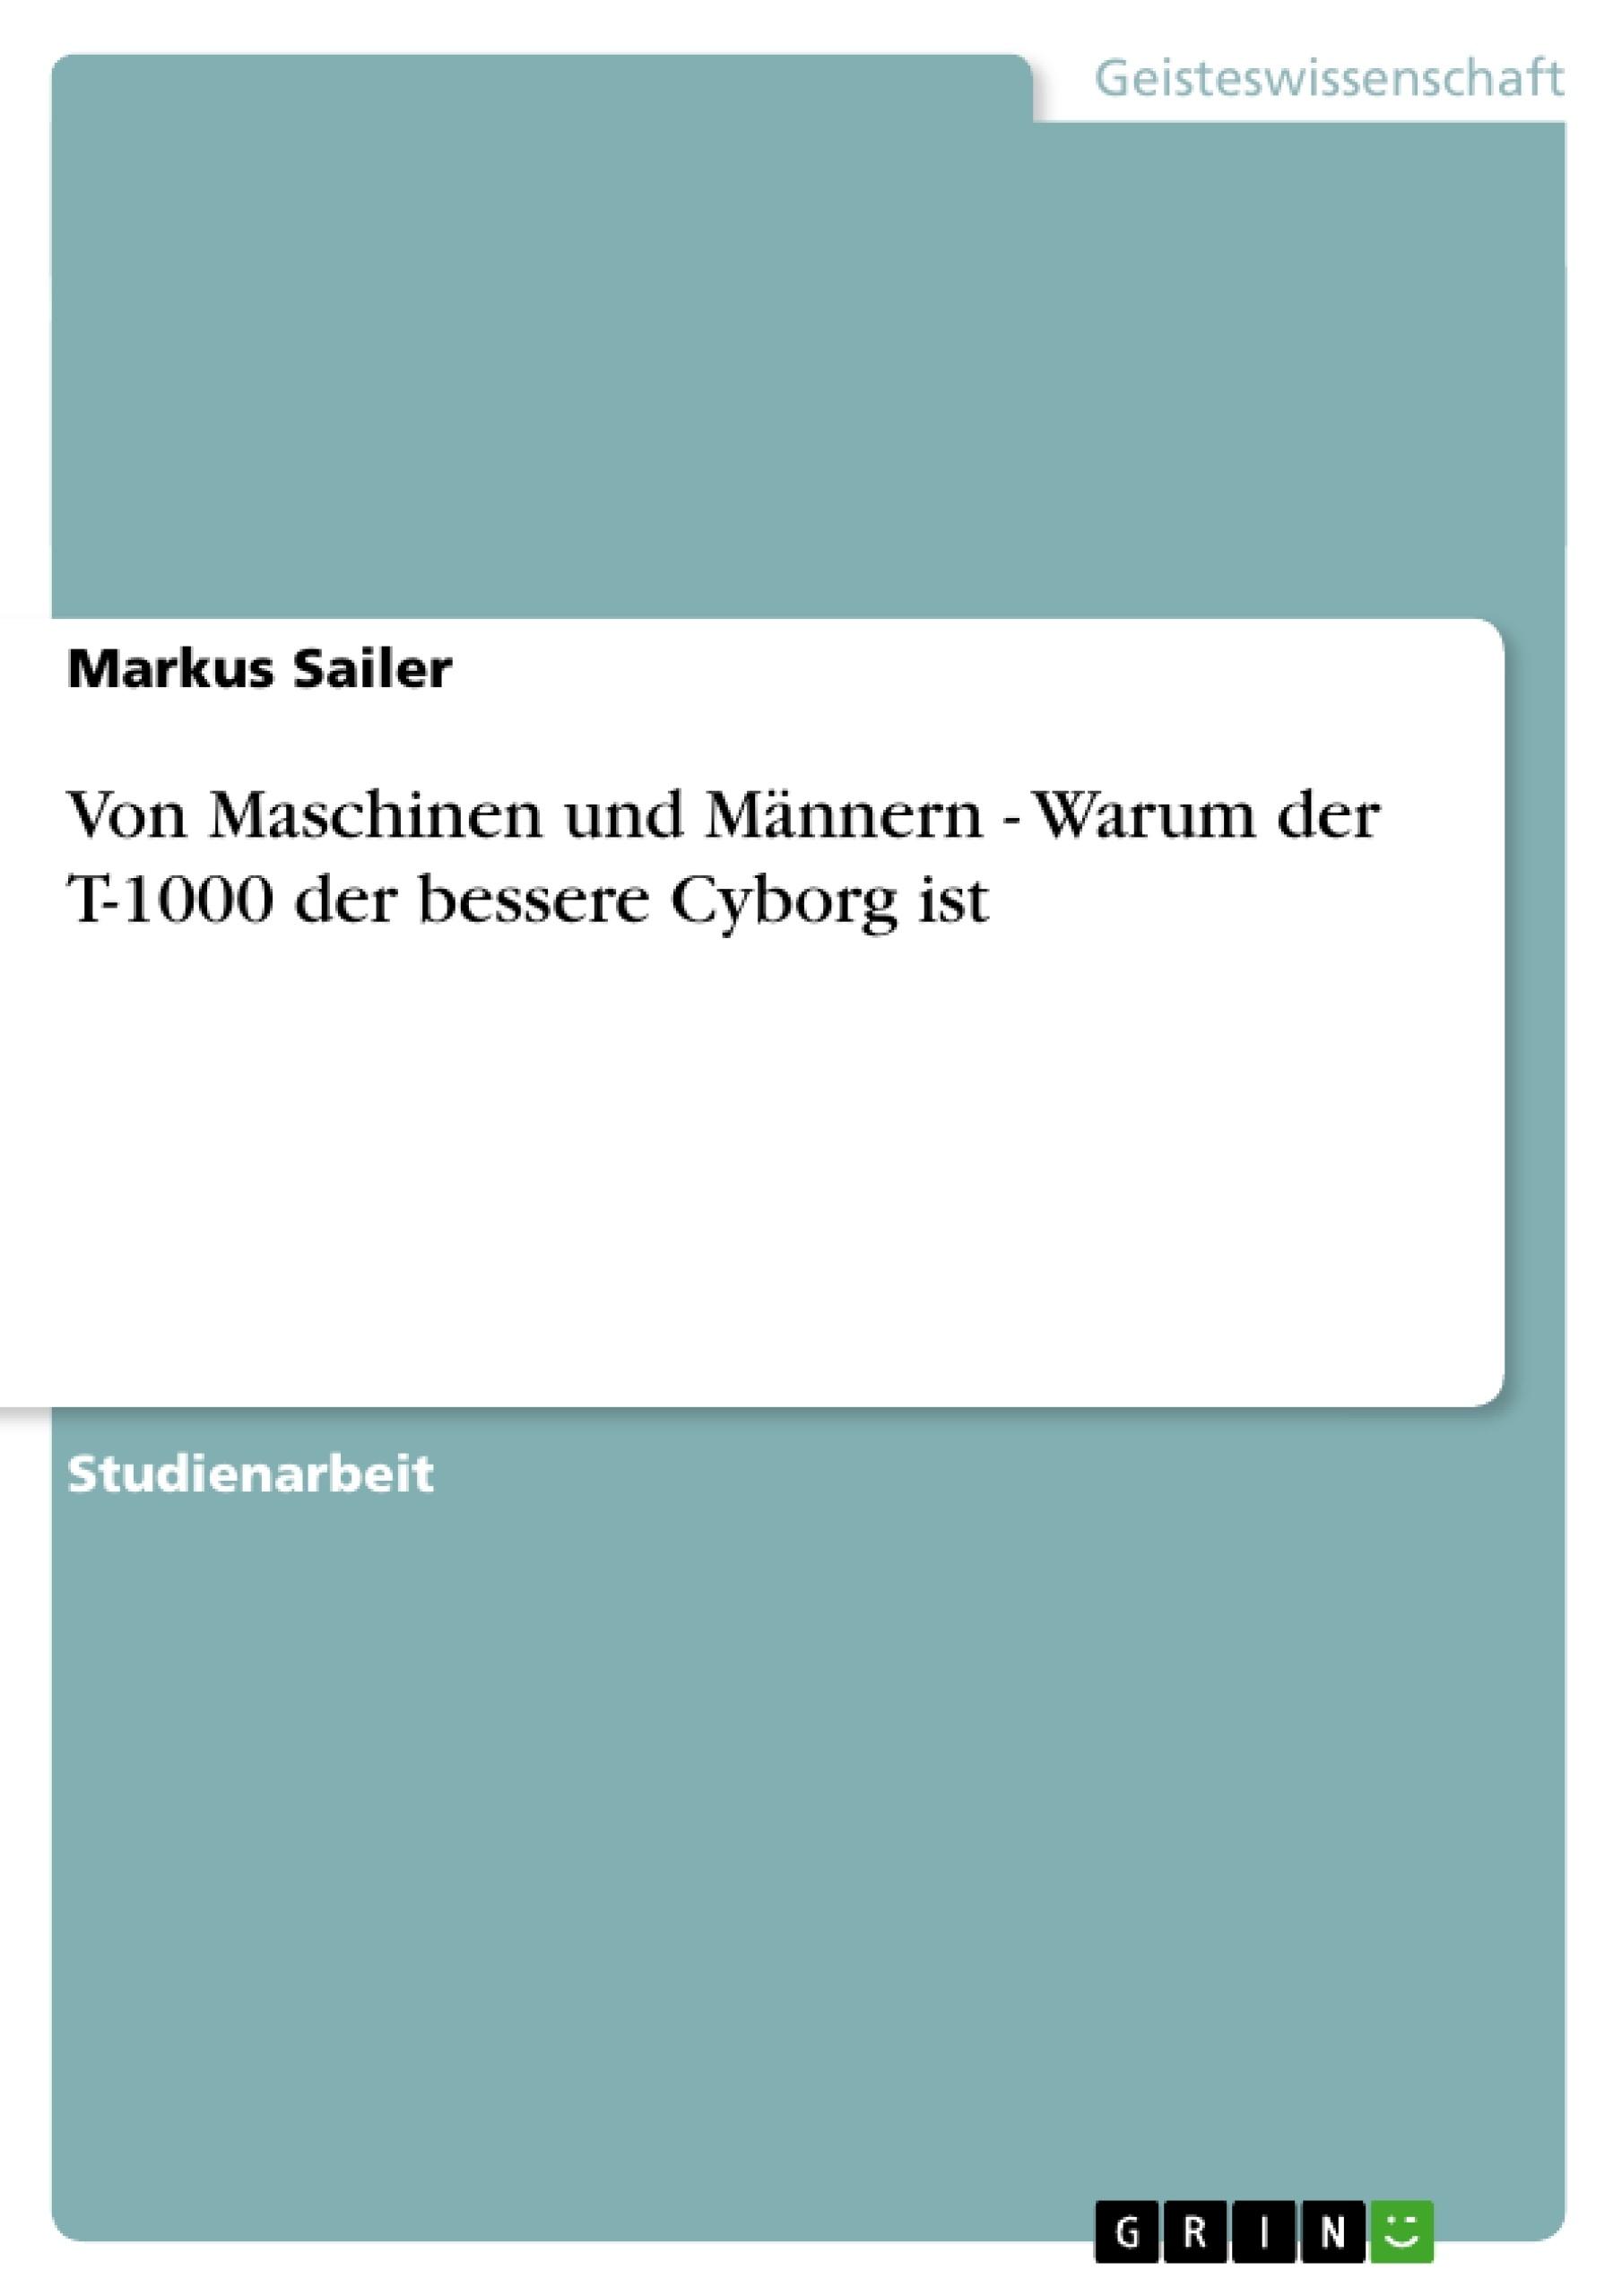 Titel: Von Maschinen und Männern - Warum der T-1000 der bessere Cyborg ist